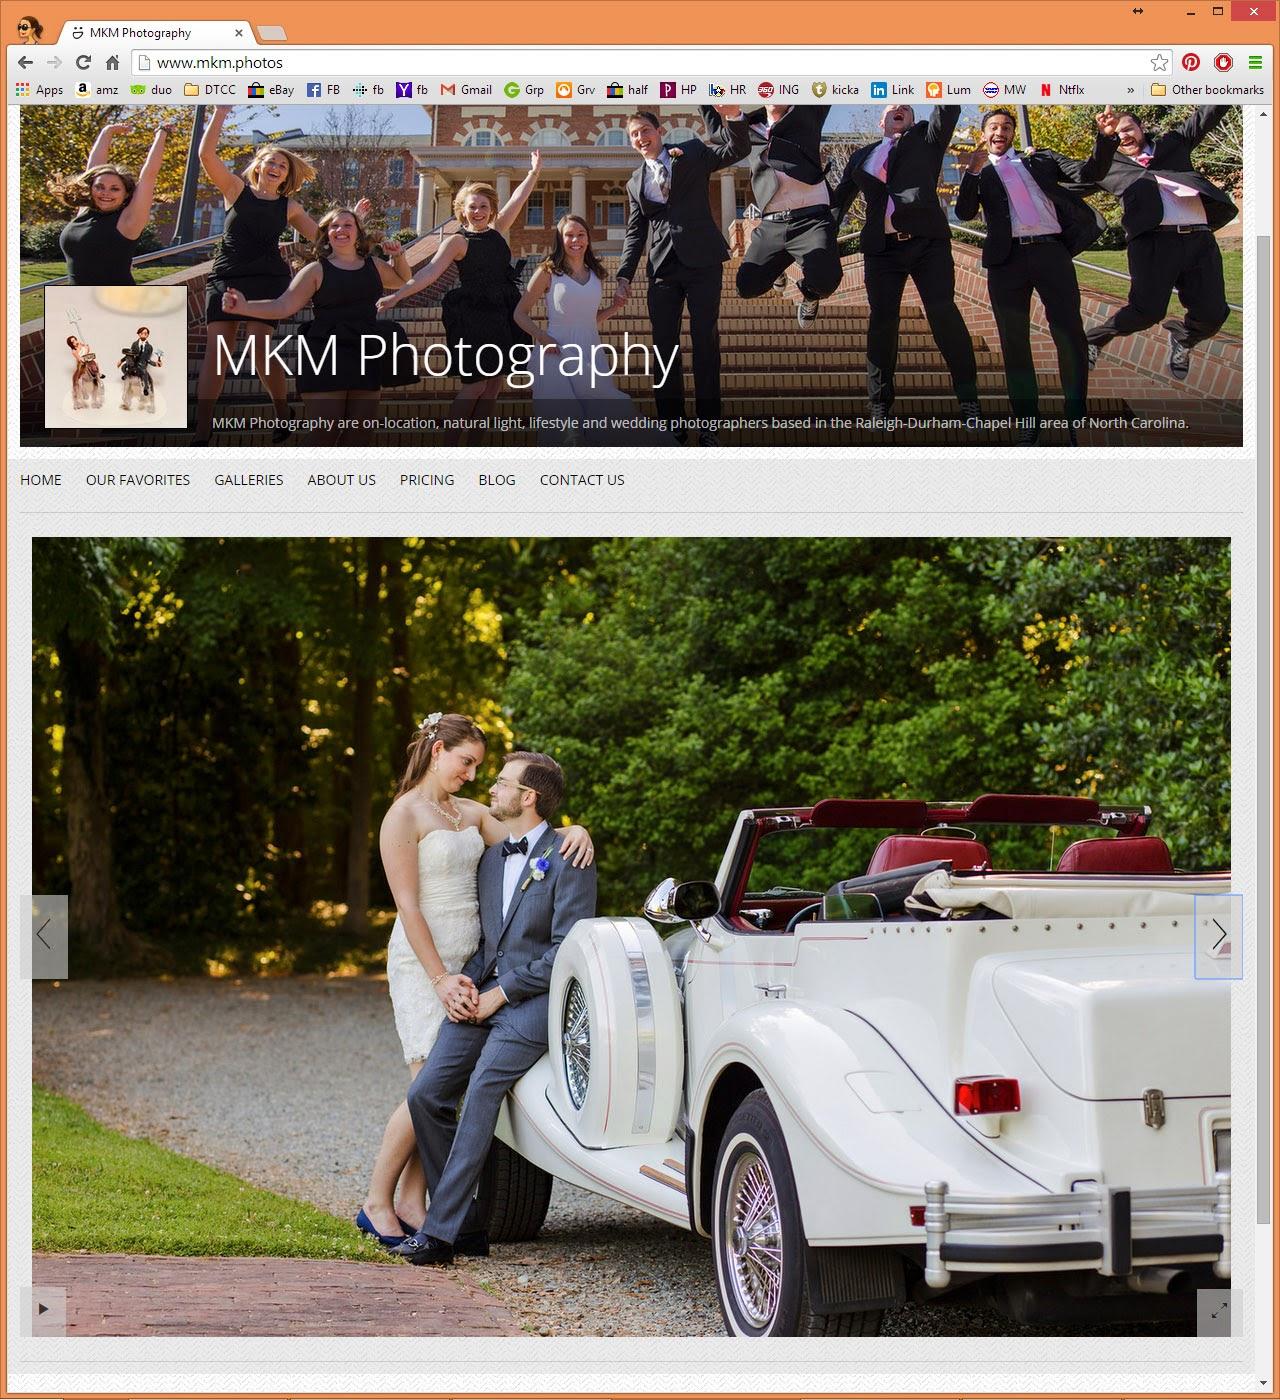 http://mkm.photos